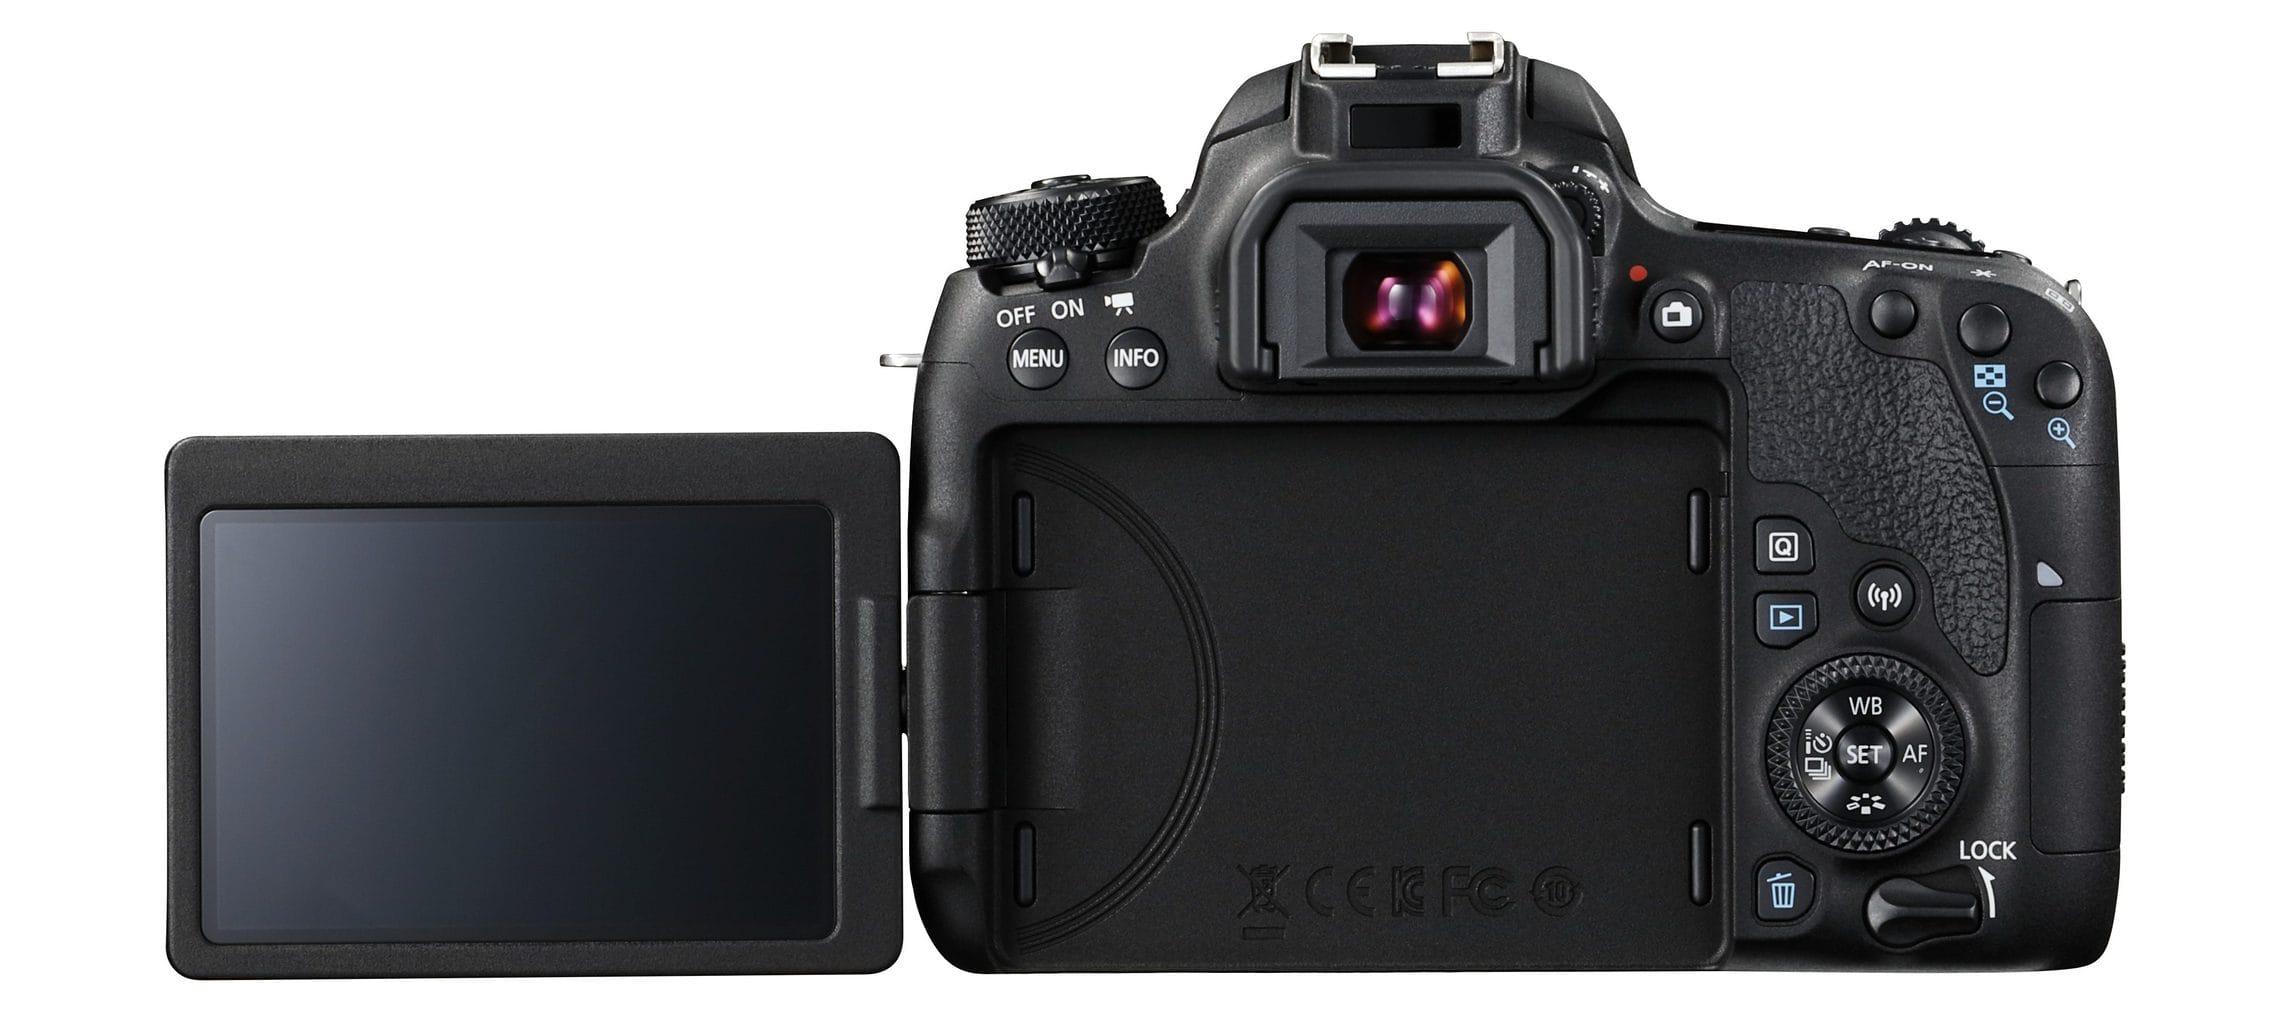 Parte trasera de cámara réflex Canon 77D con pantalla